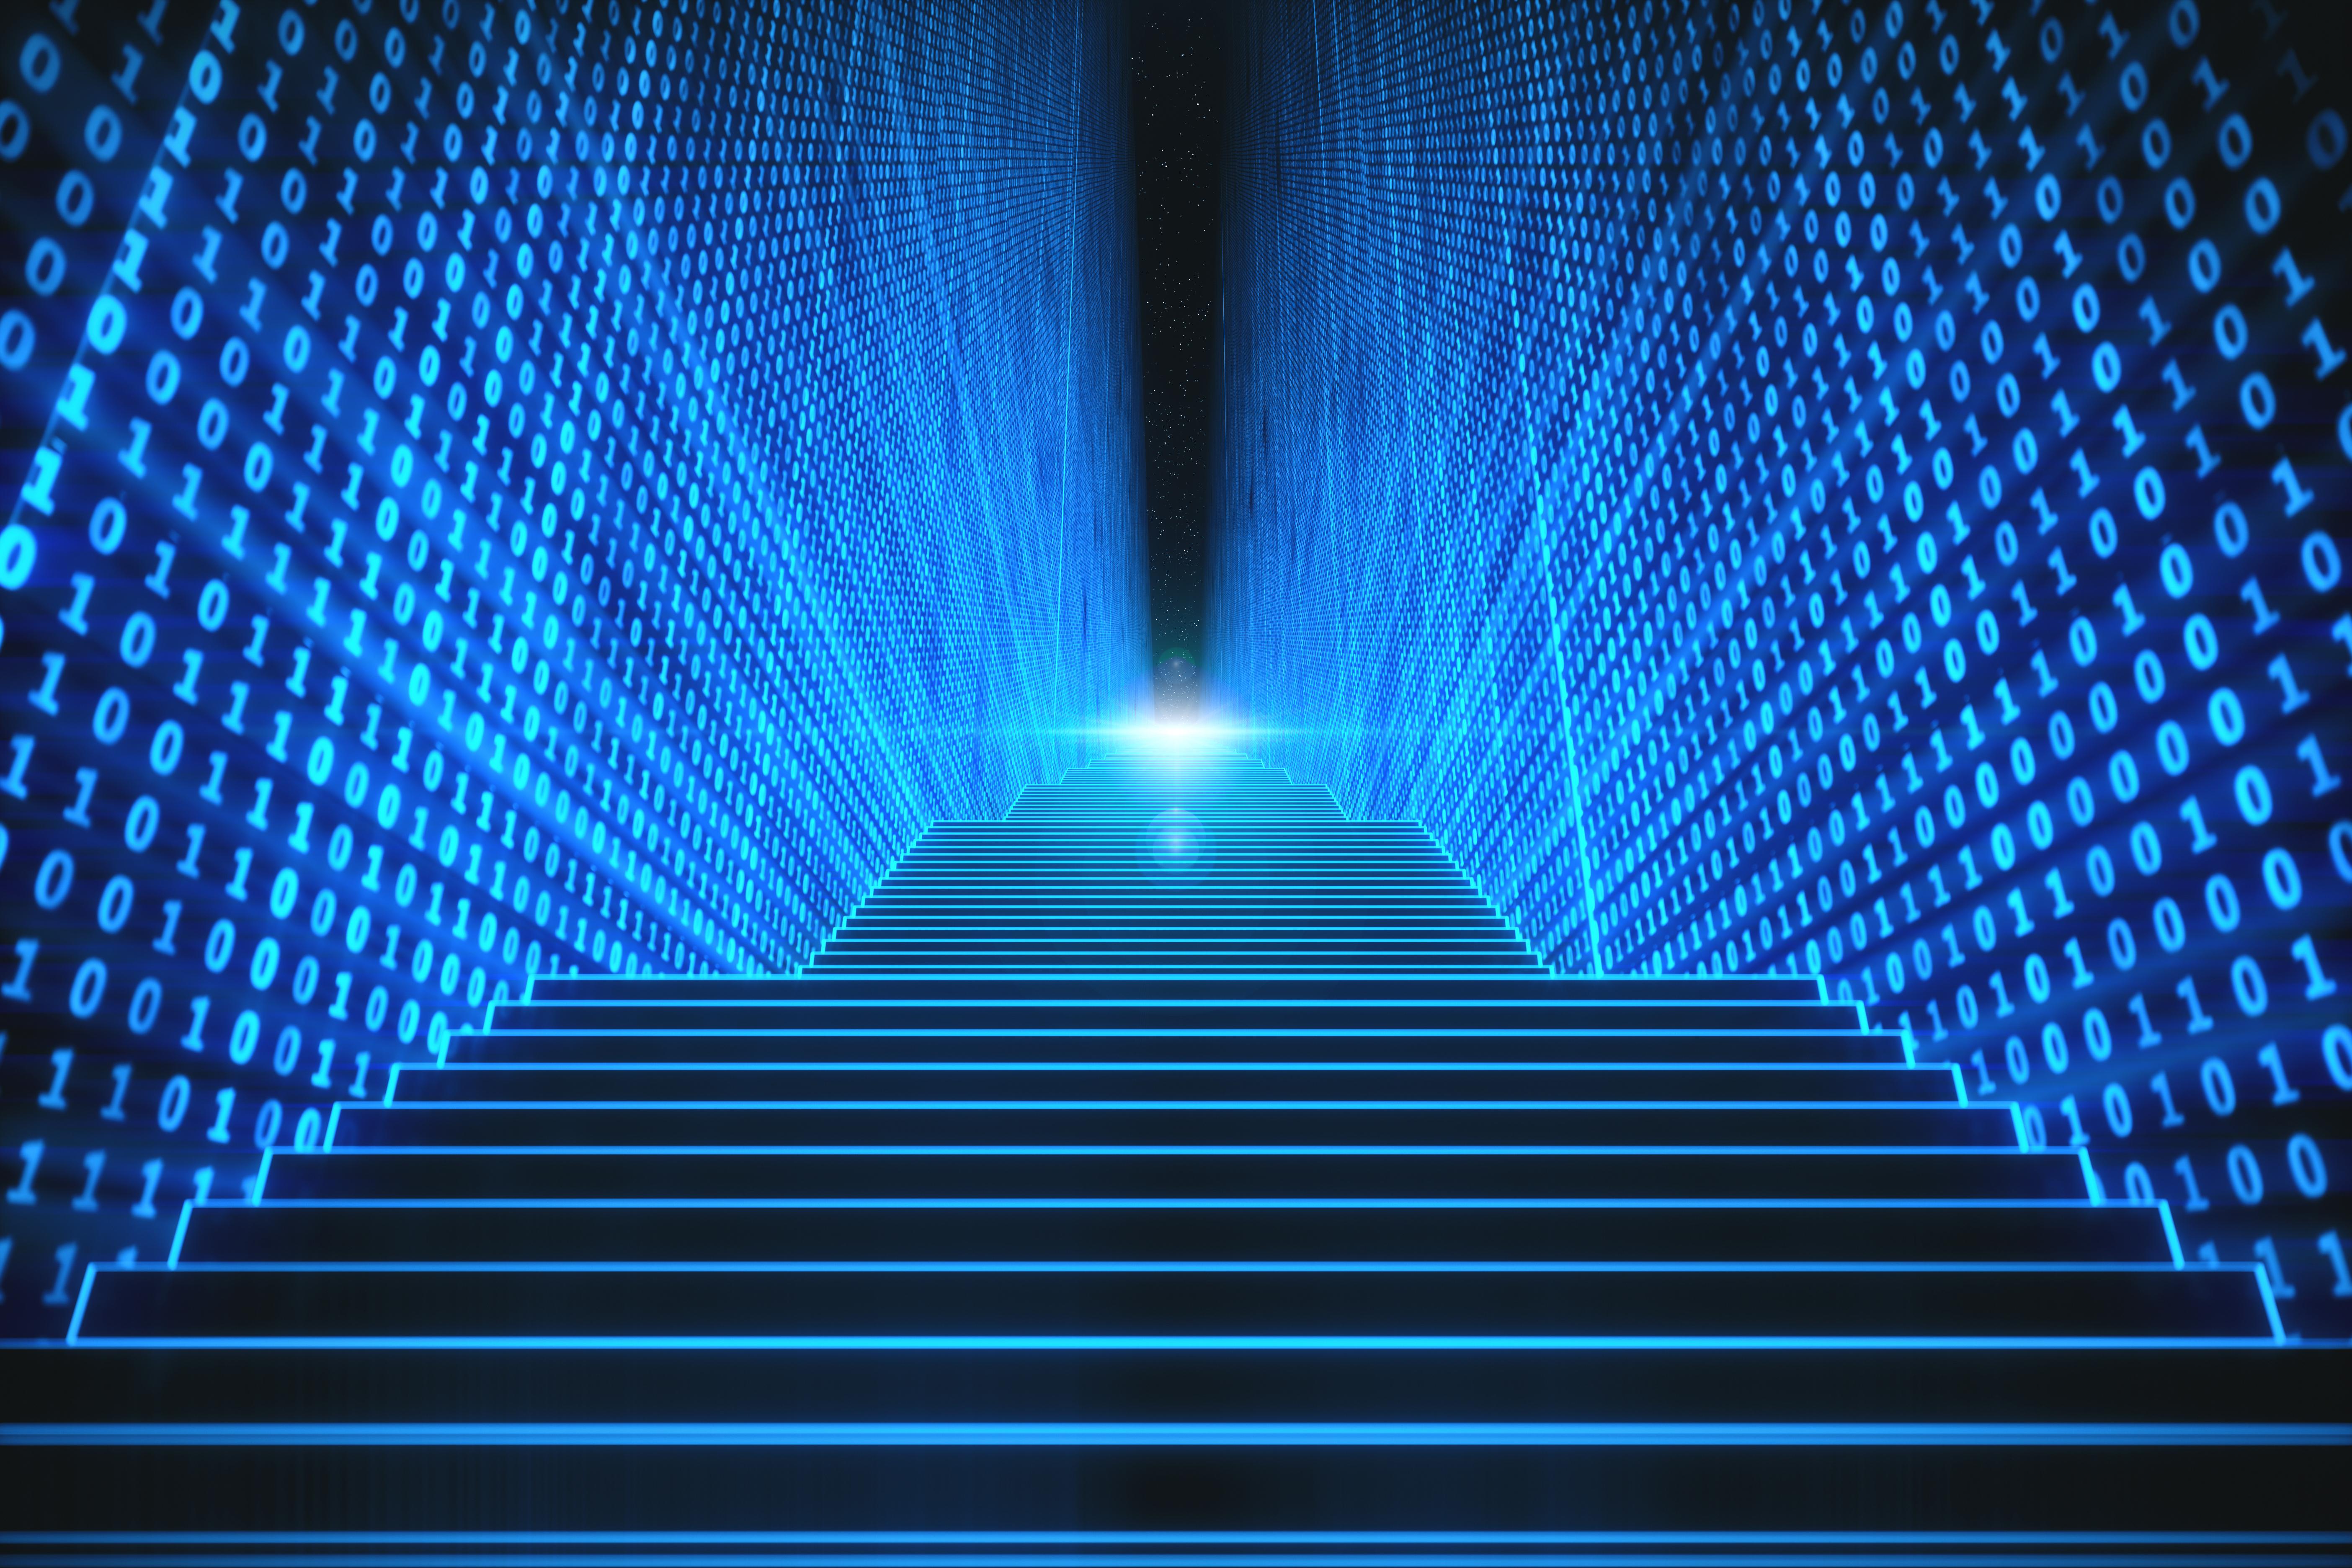 Treppe zwischen binären Wänden als Metapher für BAIT als Katalysator für eine nachhaltige und leistungsfähige ORG/IT